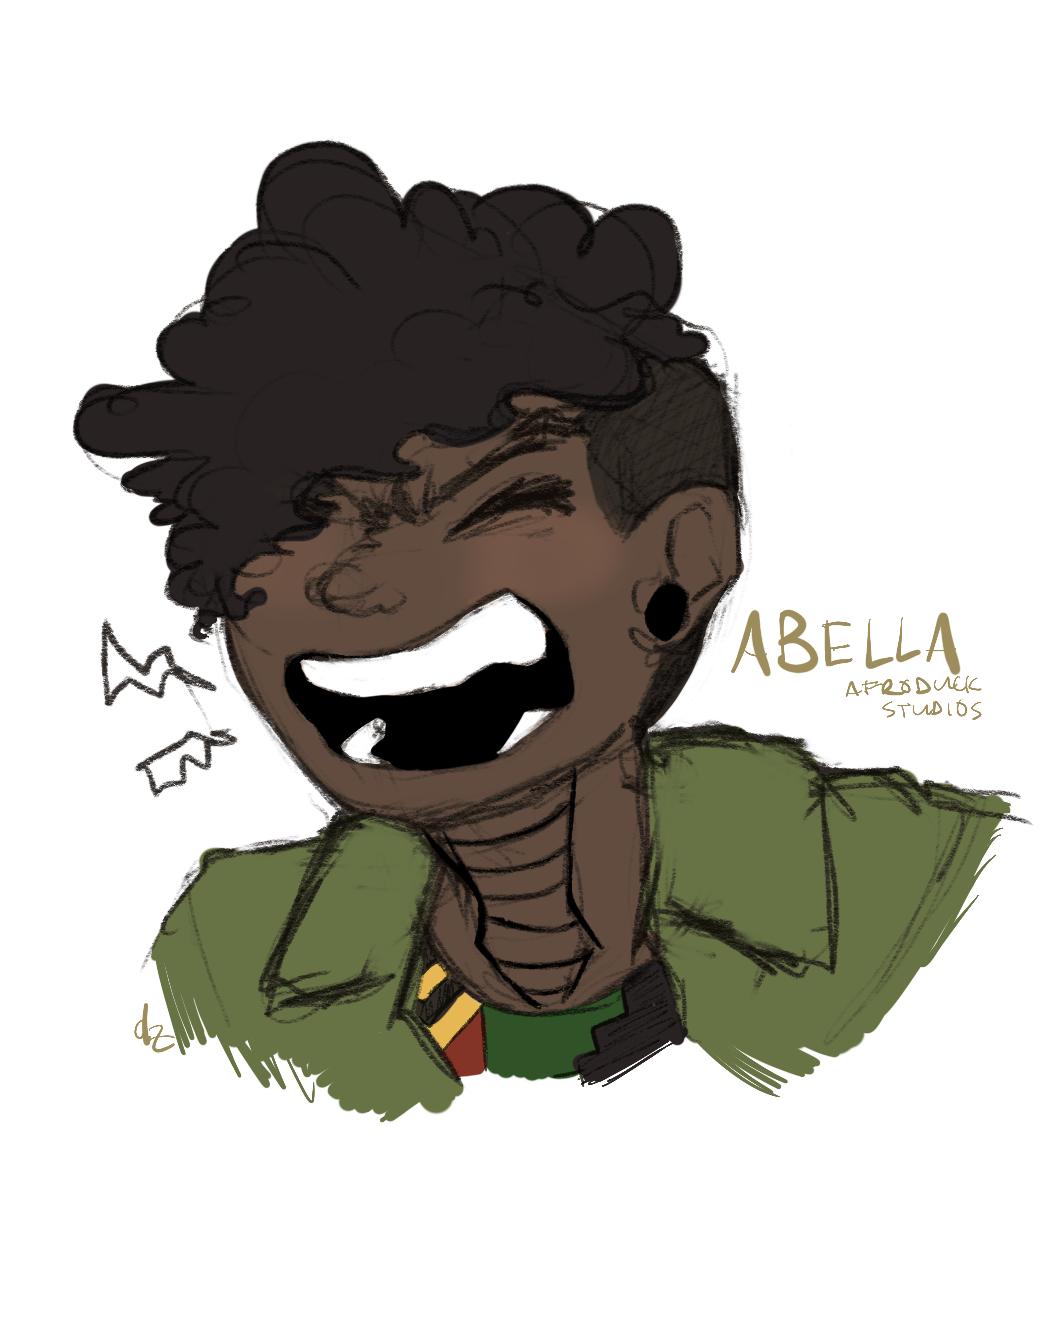 Belles Portrait (Anger)